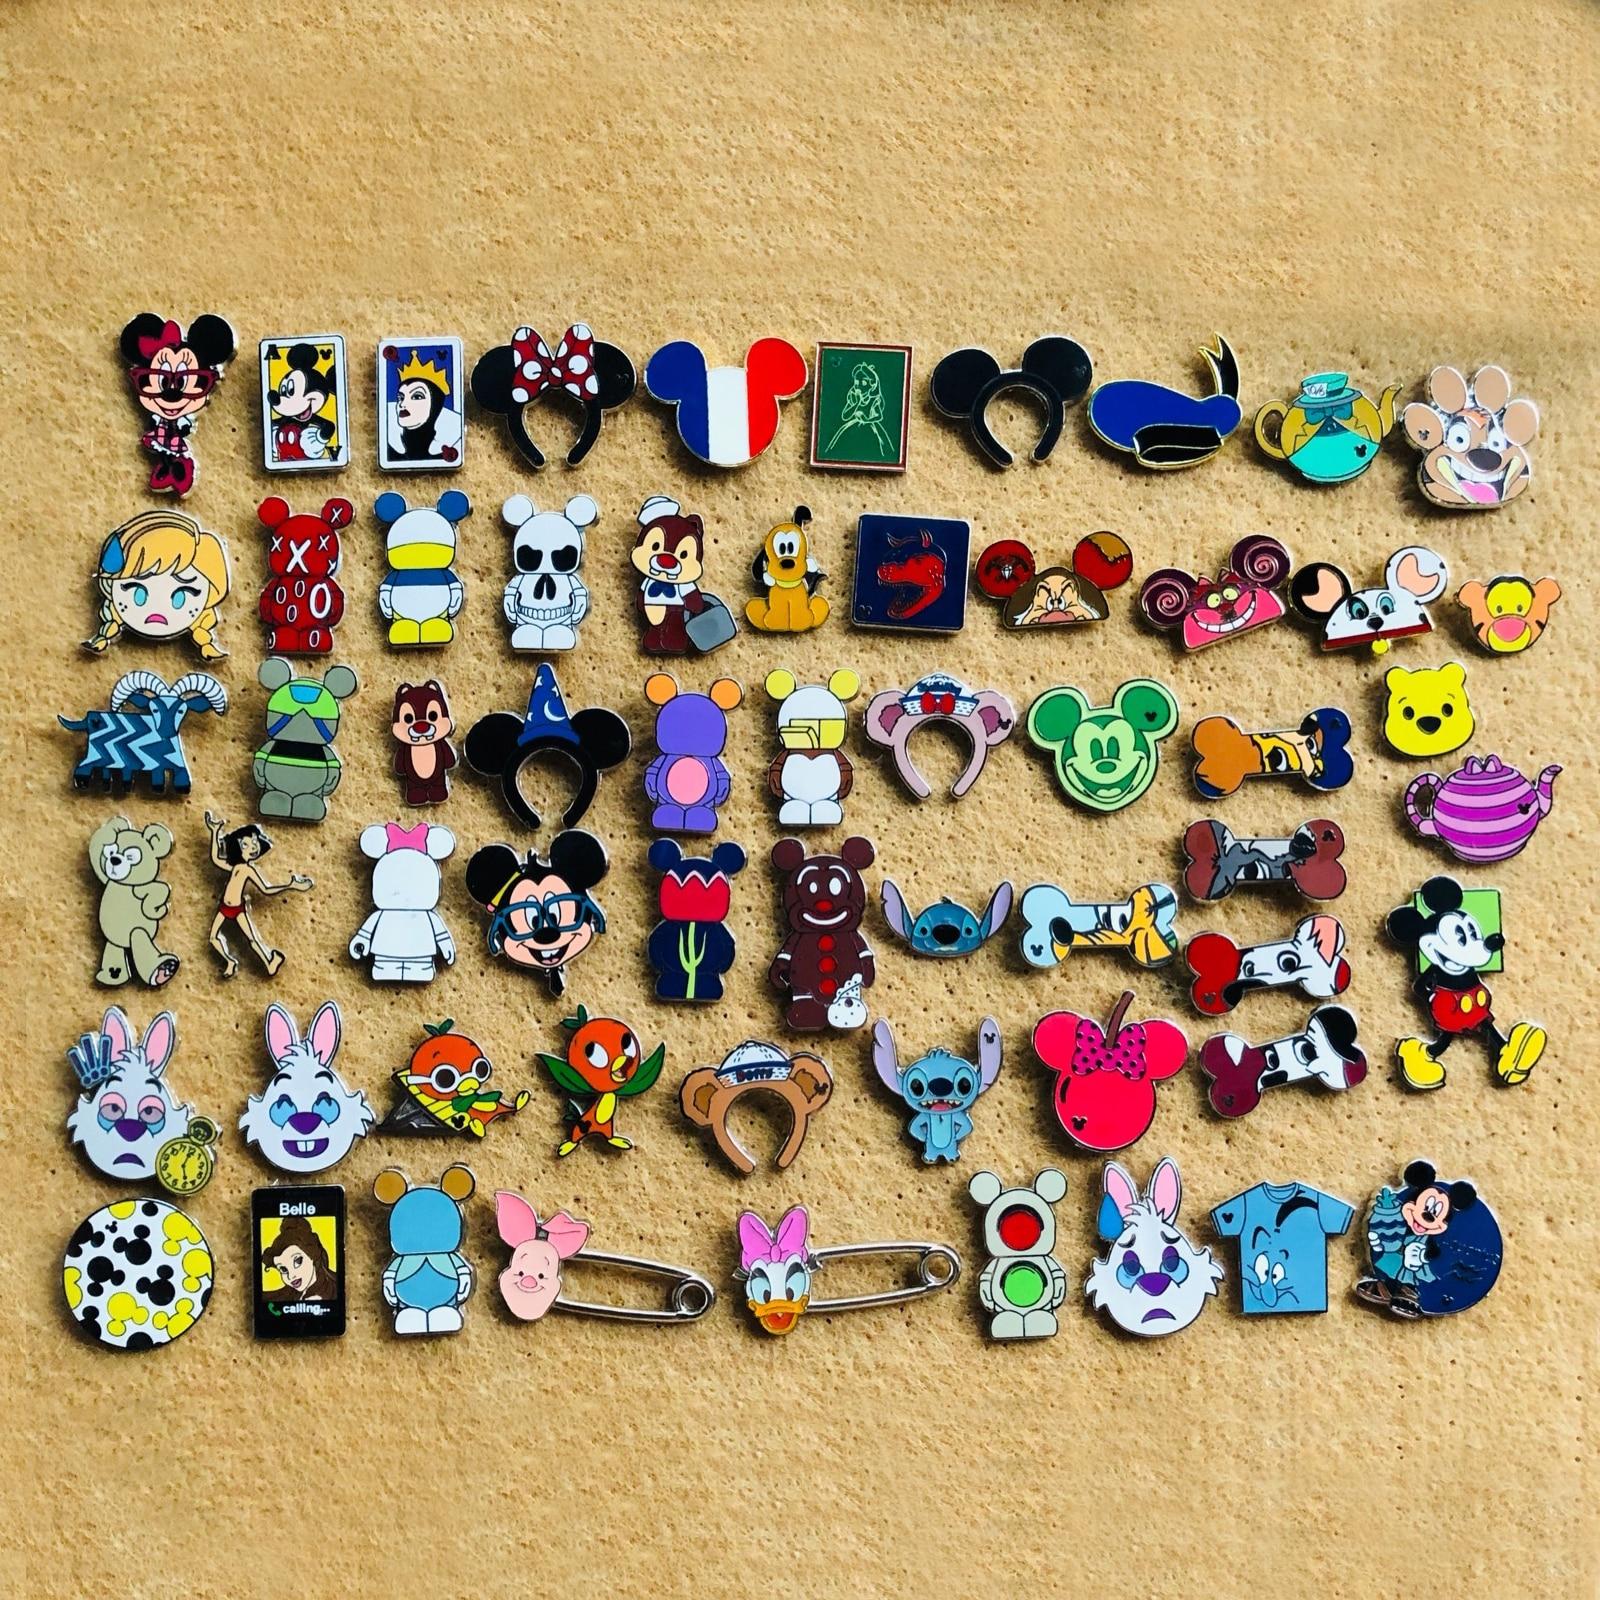 20 Uds. Insignia de intercambio de Disney, insignia decorativa para ropa de adultos de niños con cordón, insignias para mochila Kawaii, insignias para prendas de vestir